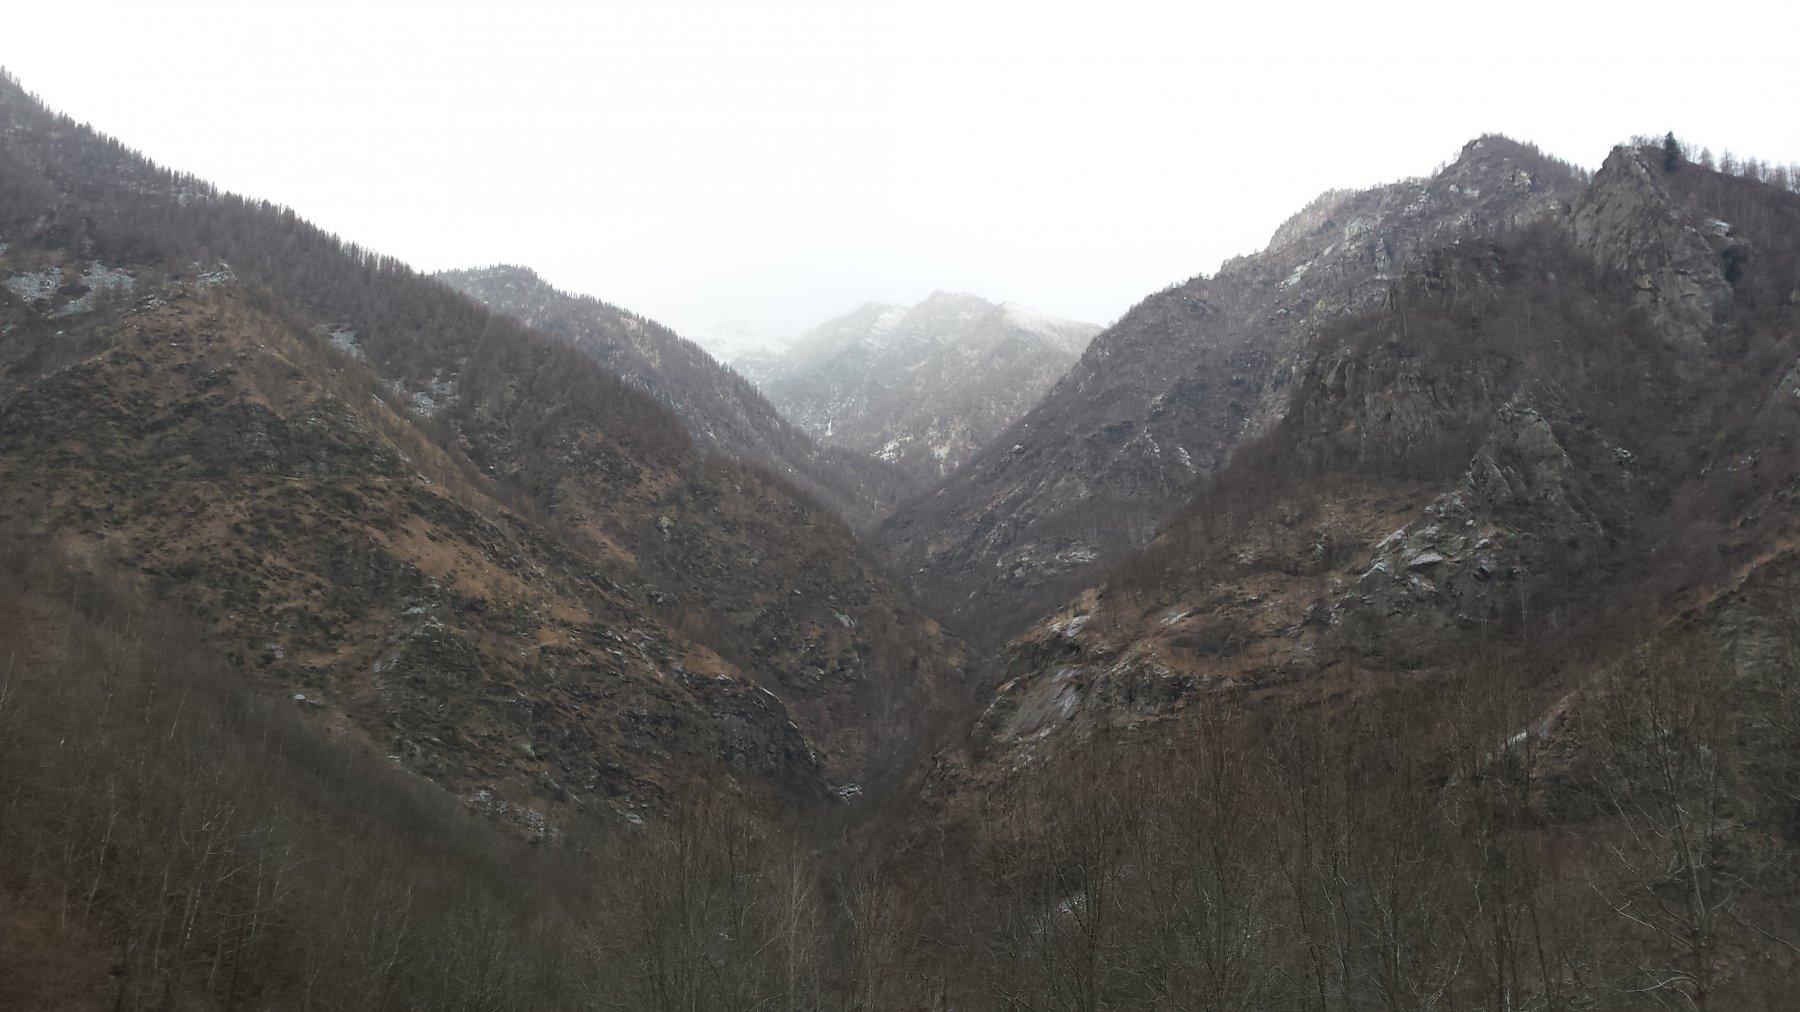 Il vallone che parte dalla borgata di Roccia Linsard con la cascata sul fondo a sinistra